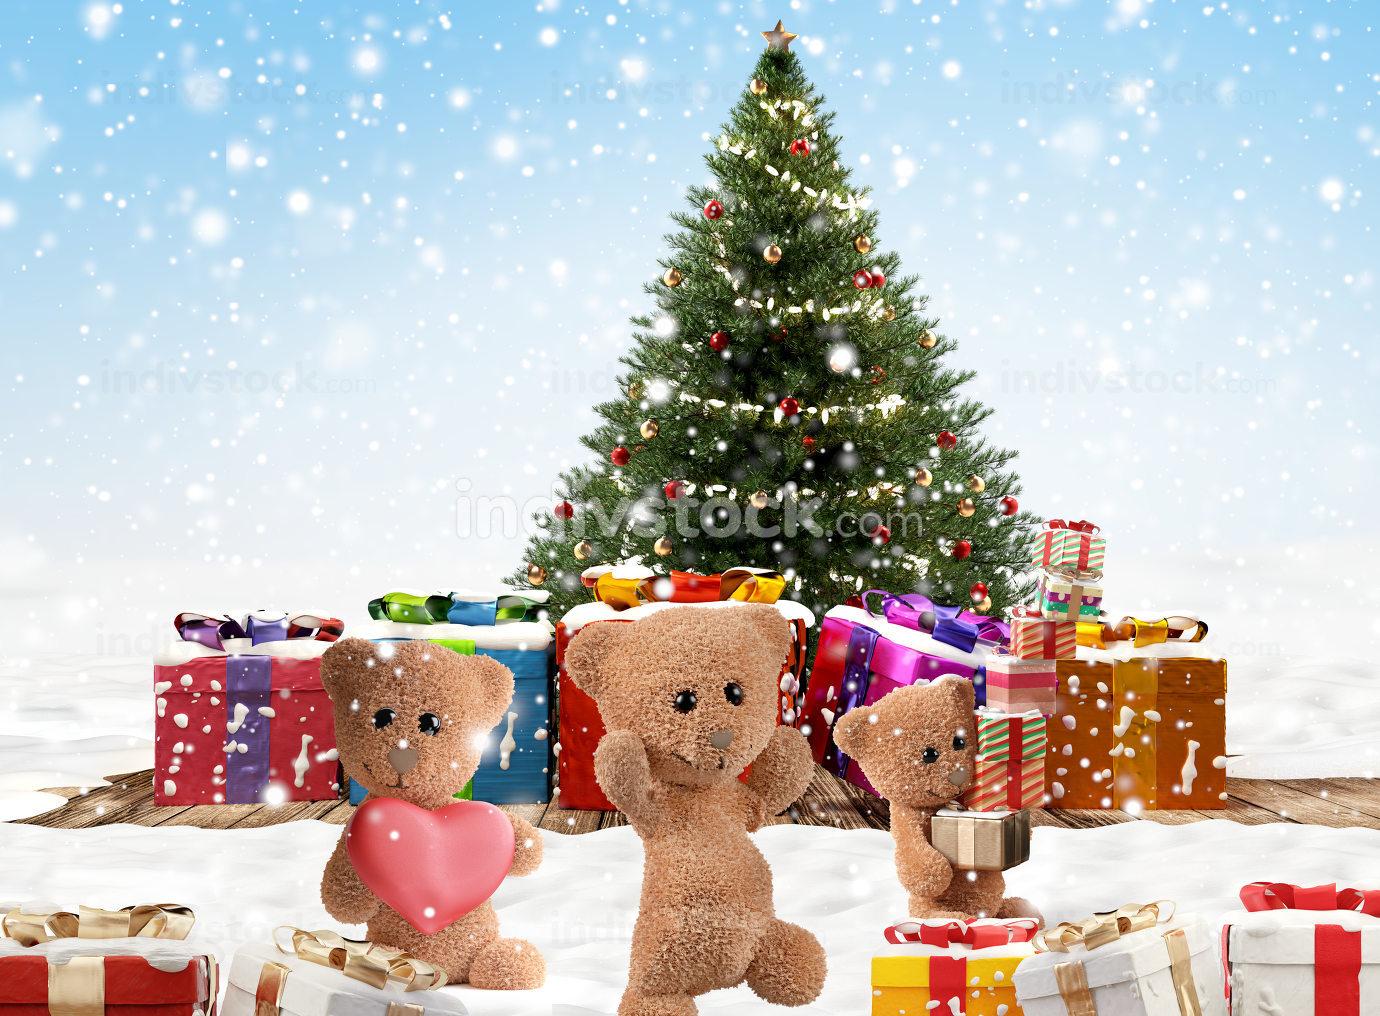 festive cute teddy bears with christmas presents 3d-illustration